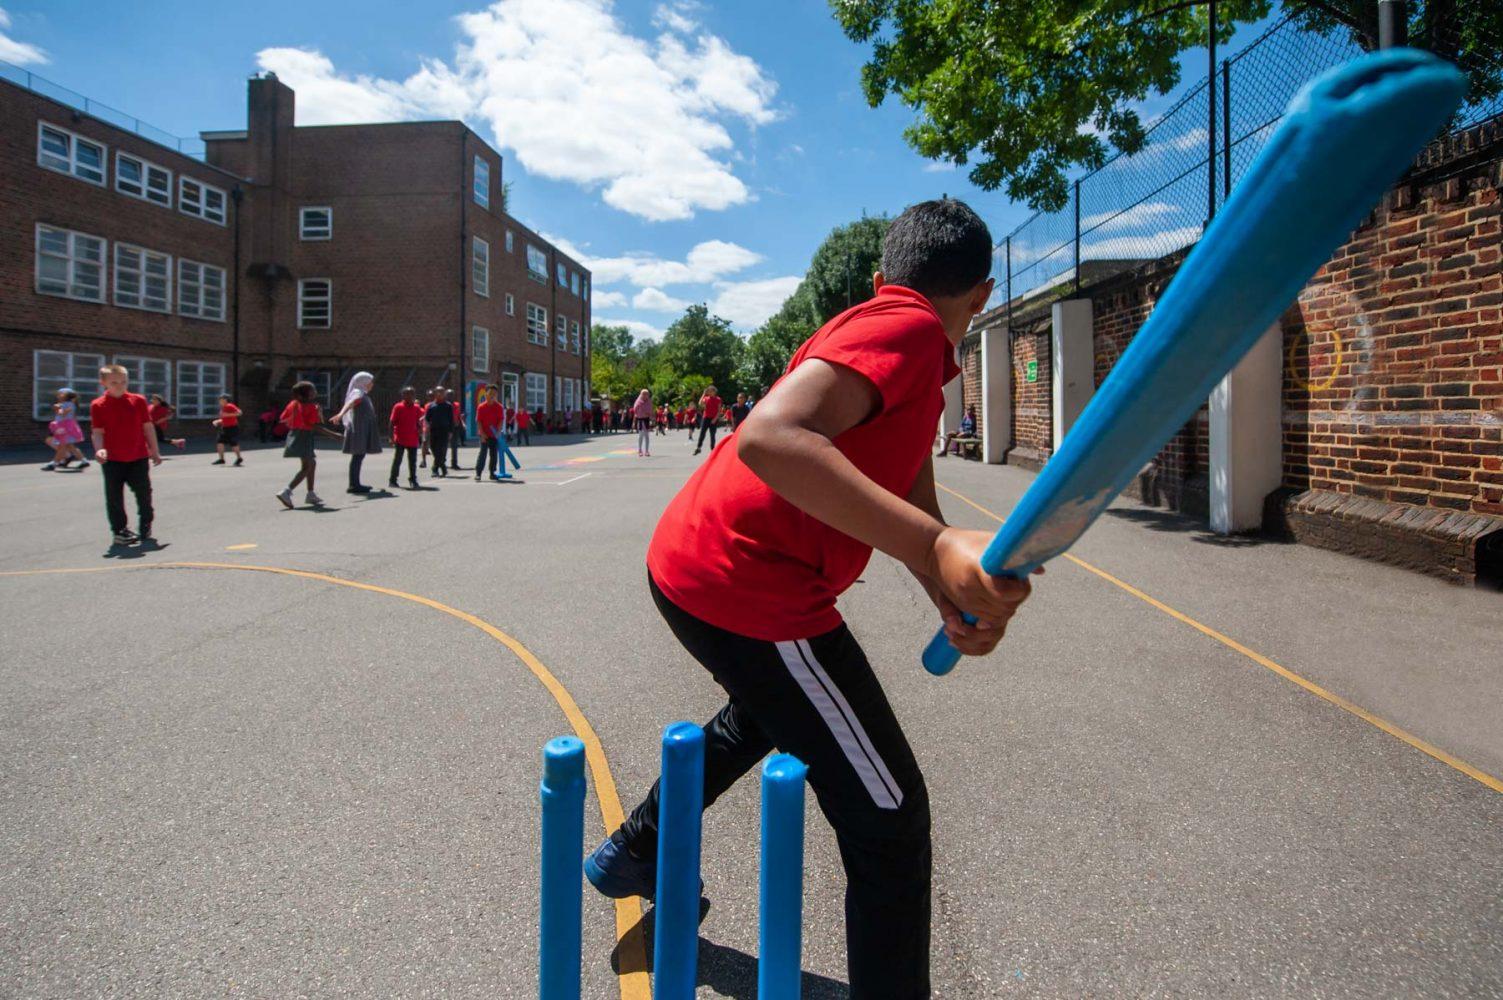 Cricket in school playground